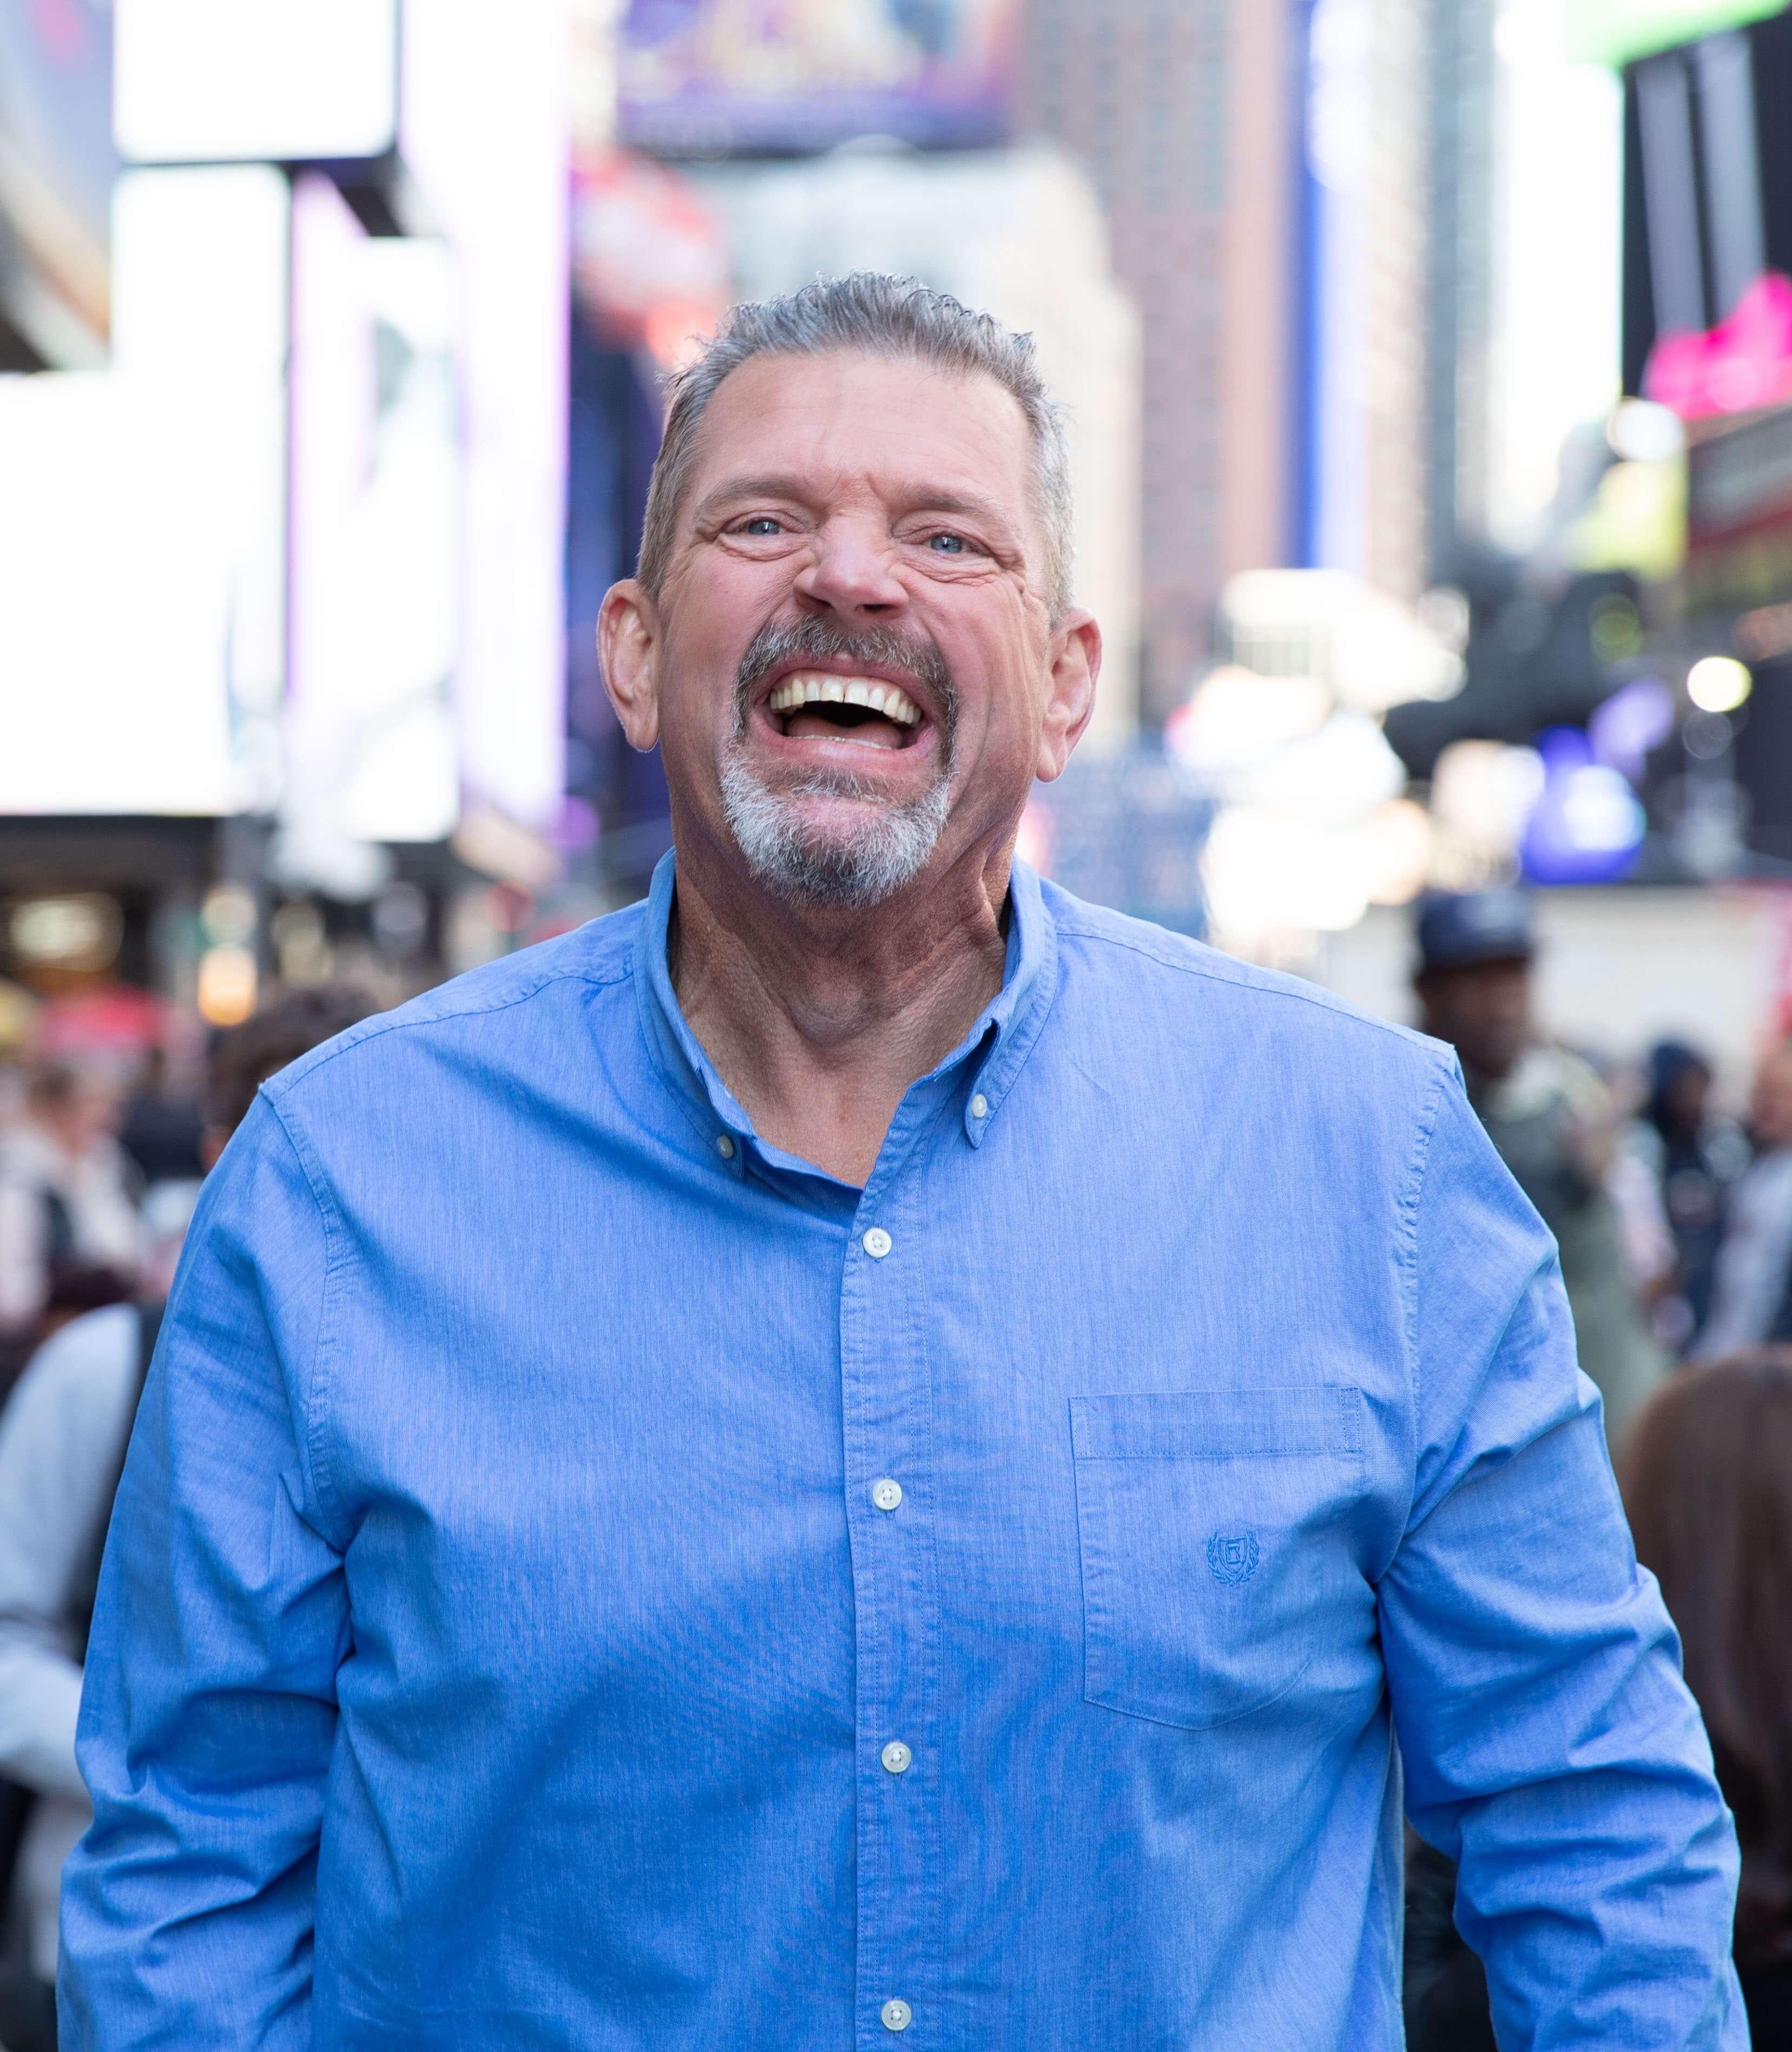 Image d'un homme qui rit